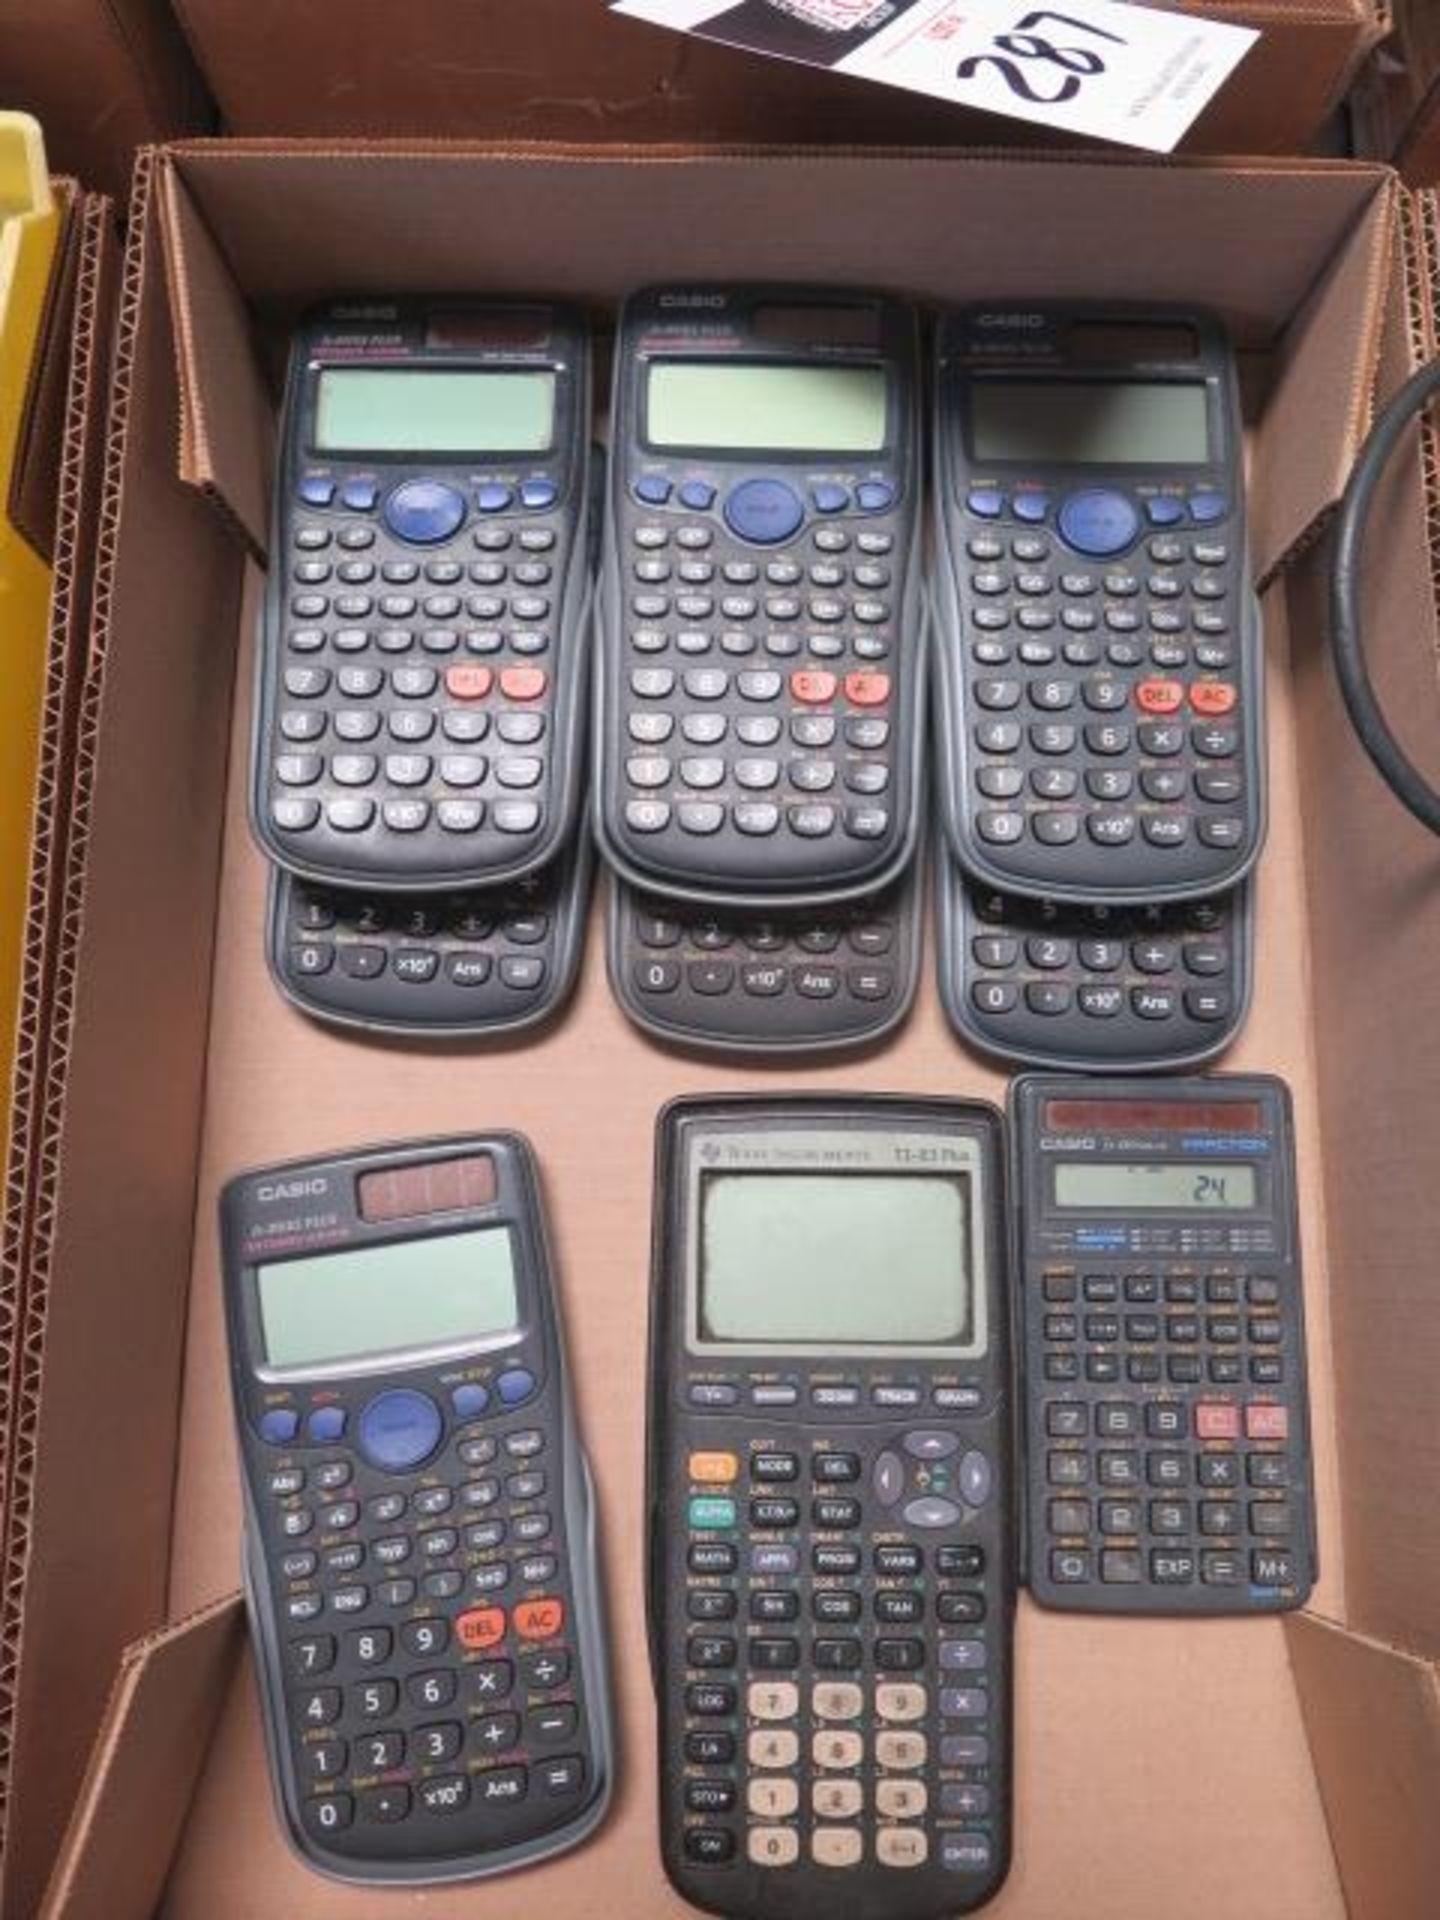 Calculators (SOLD AS-IS - NO WARRANTY) - Image 2 of 4